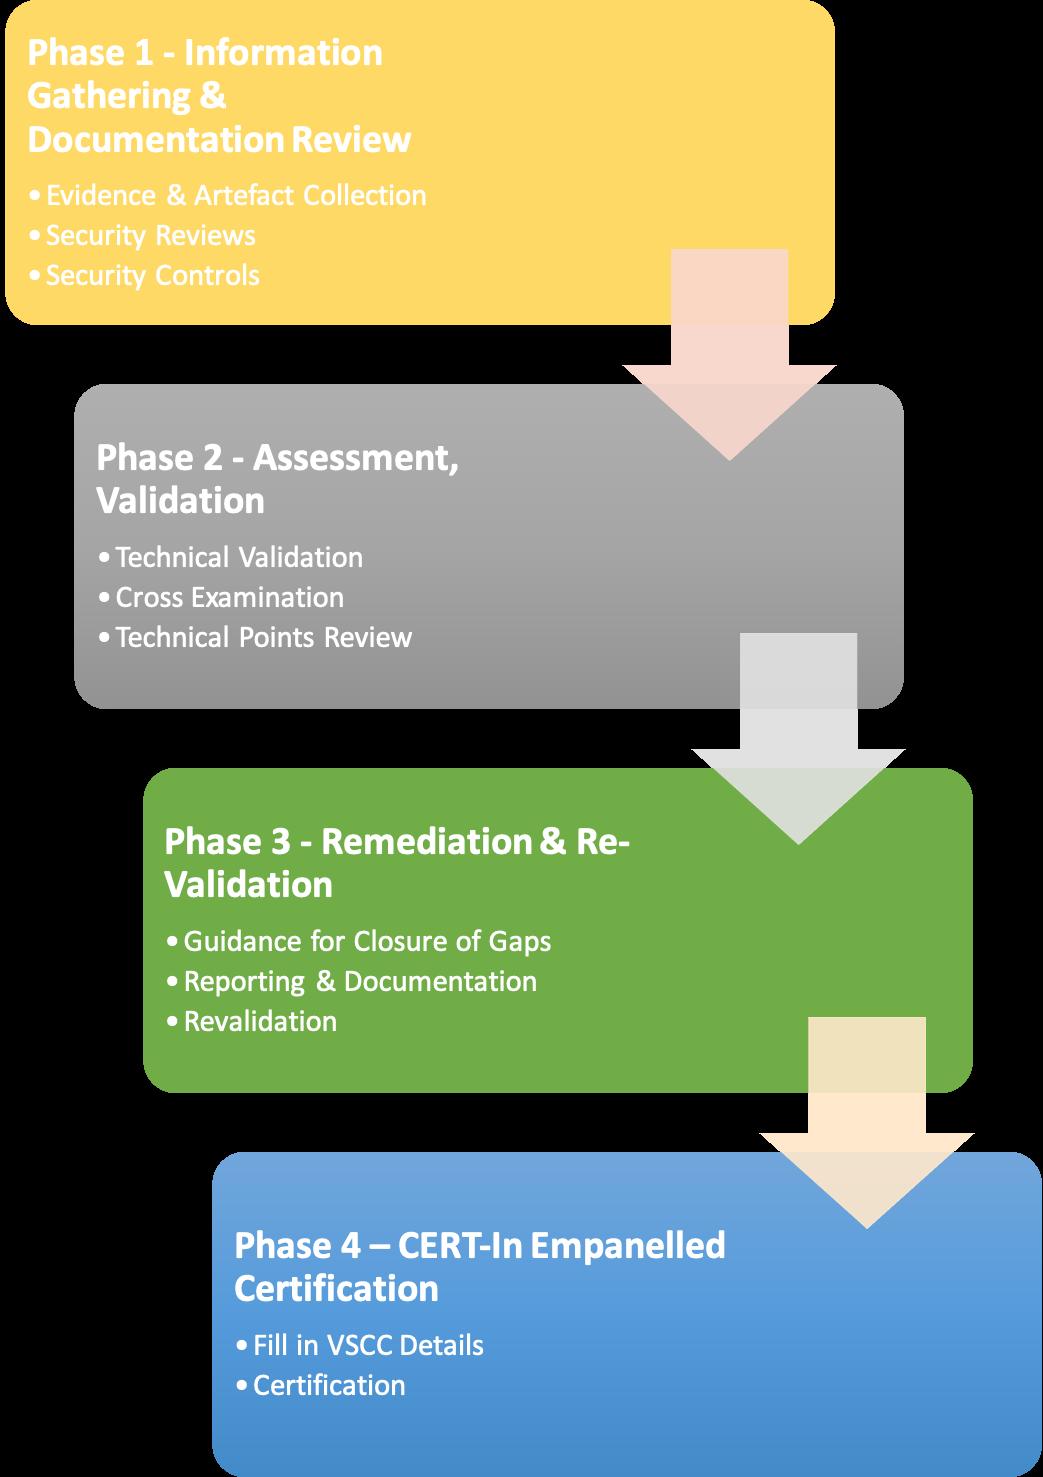 VSCC Certificate - Approach & Methodology